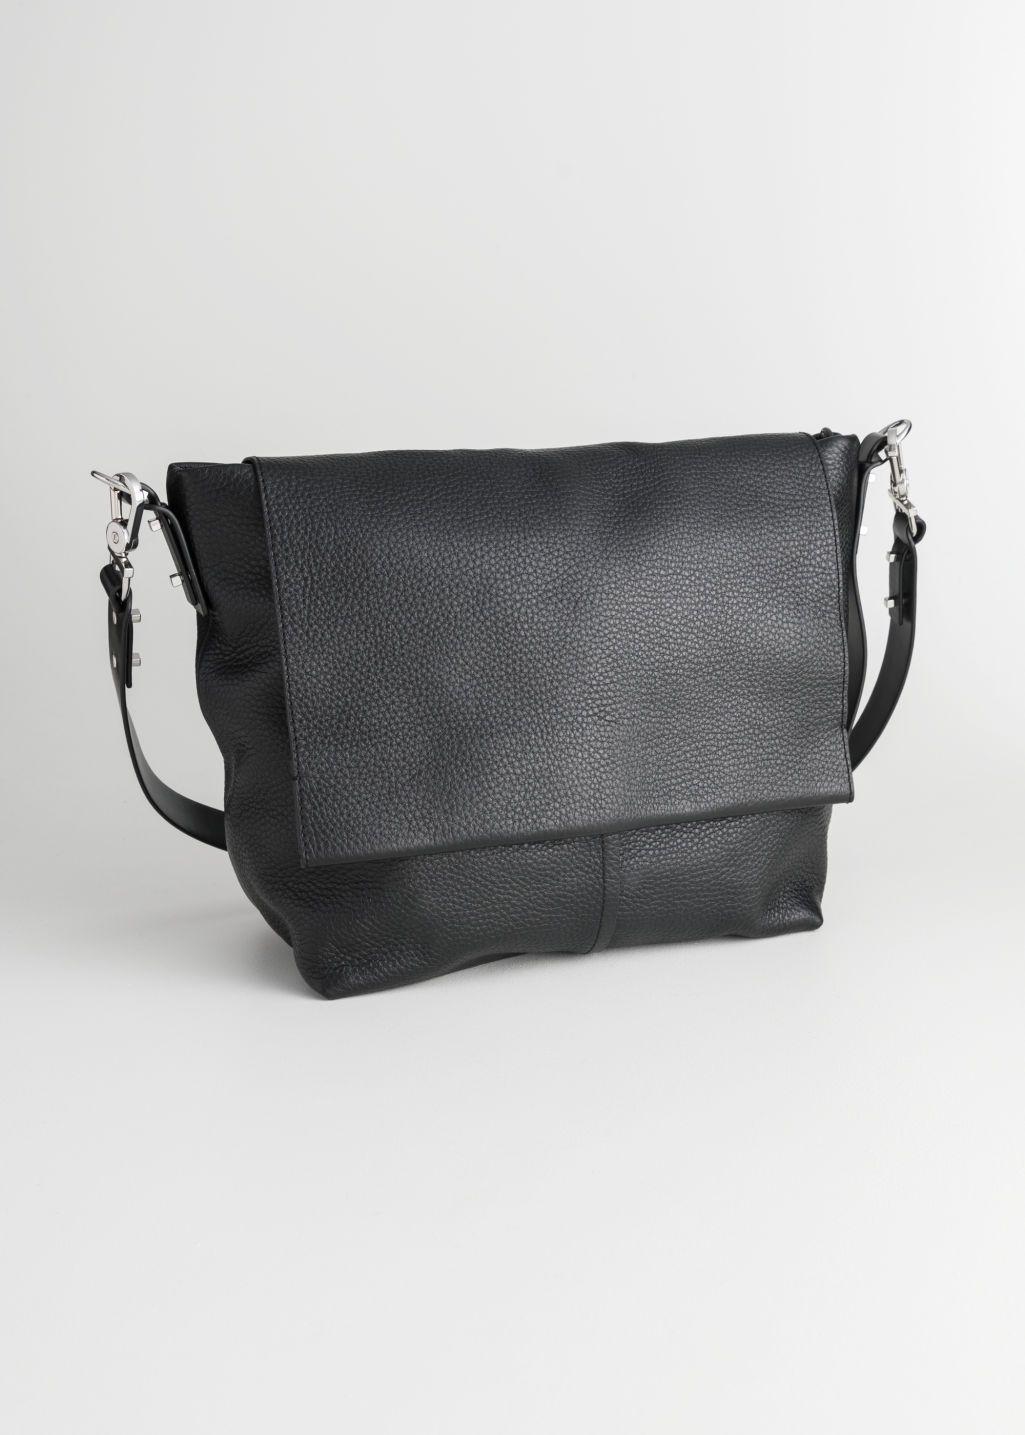 Grain Leather Hobo Bag Burgundy Shoulderbags Other Stories Leather Hobo Leather Hobo Bag Hobo Bag